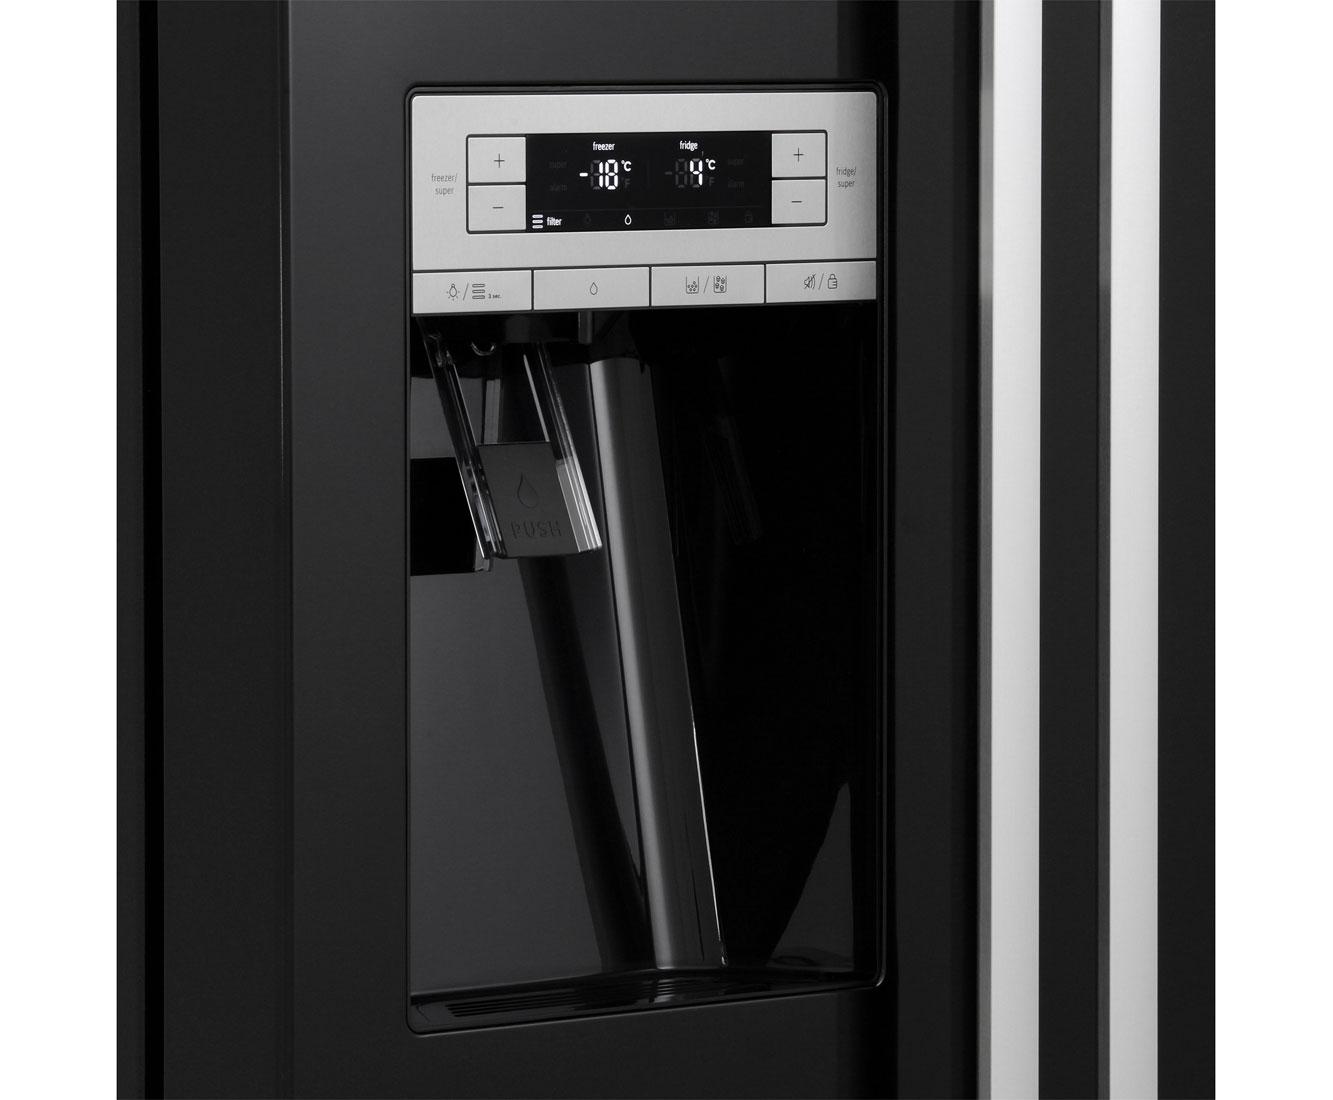 Bosch koelkast wateraansluiting